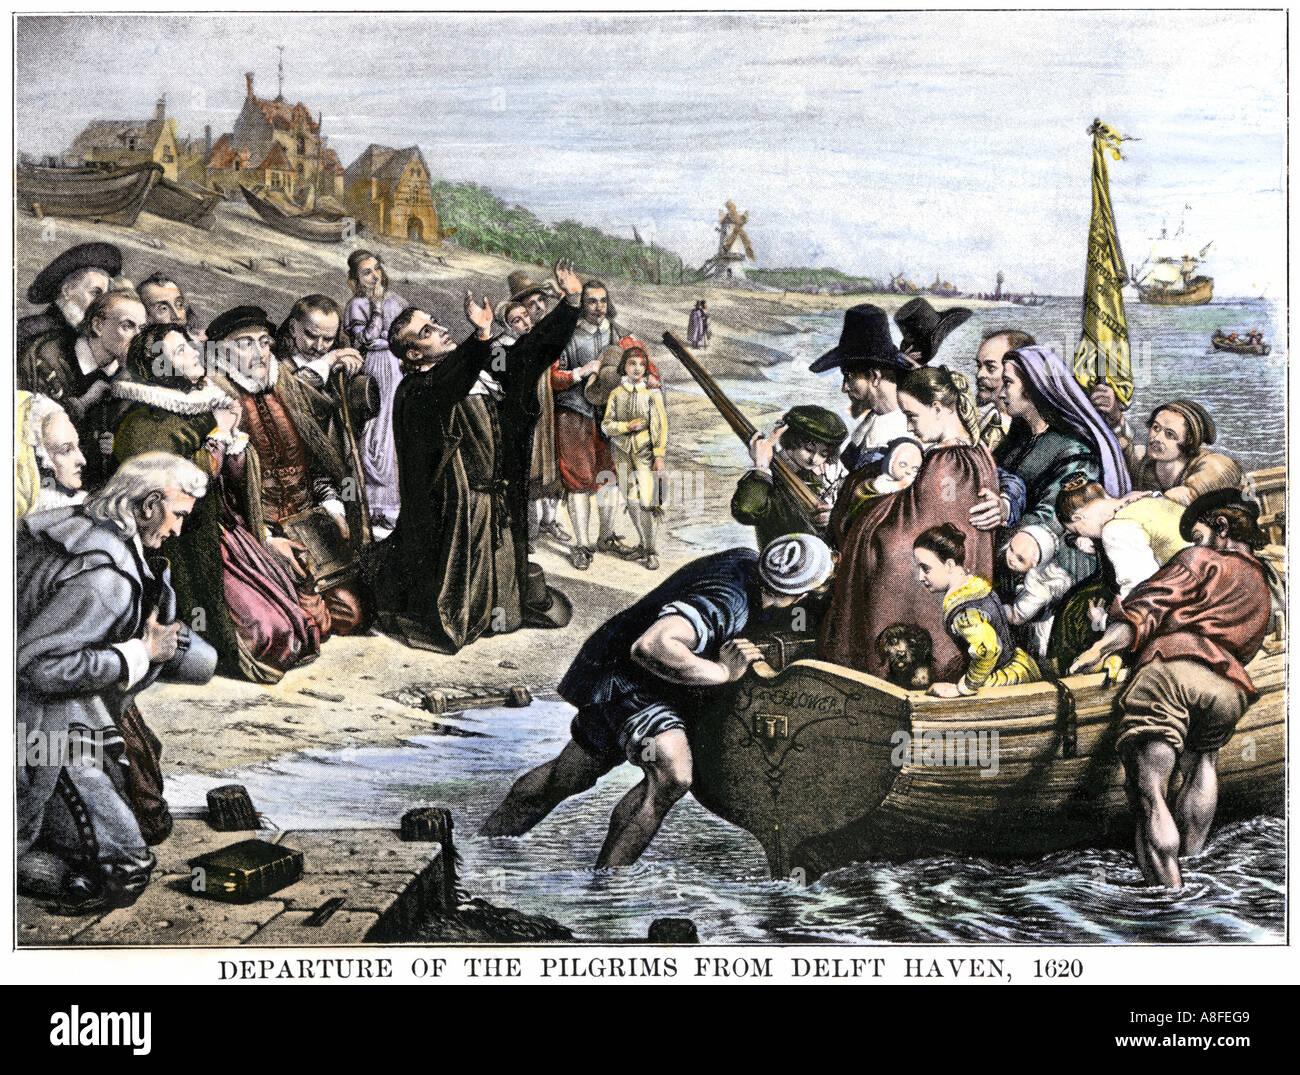 Pilger verlassen Delfshaven Niederlande für die Mayflower Reise 1620. Handcolorierte halftone einer Abbildung Stockbild